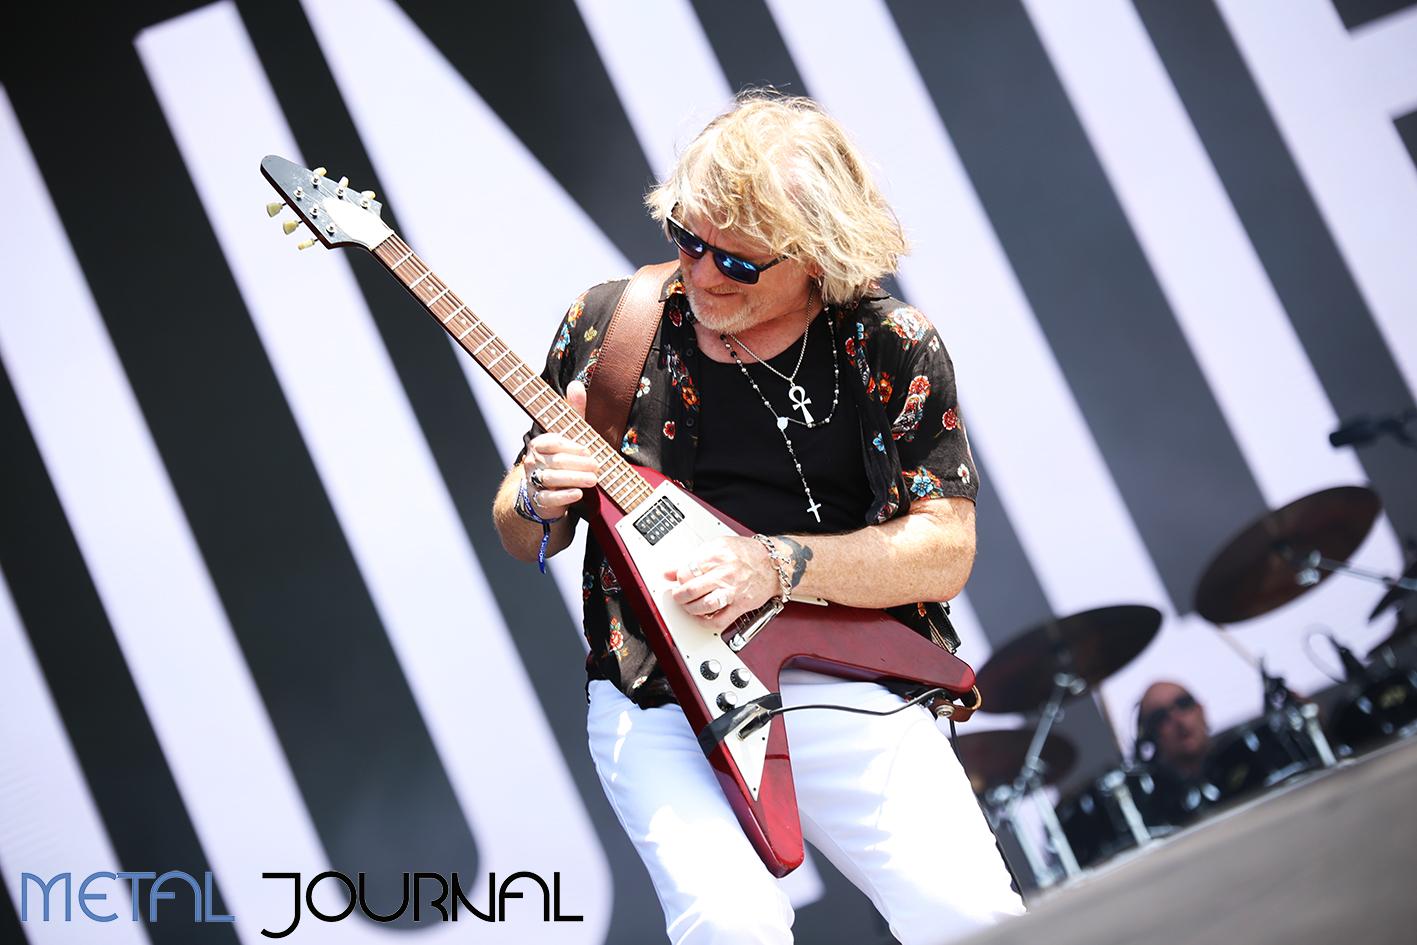 thunder - metal journal rock fest barcelona 2019 pic 2